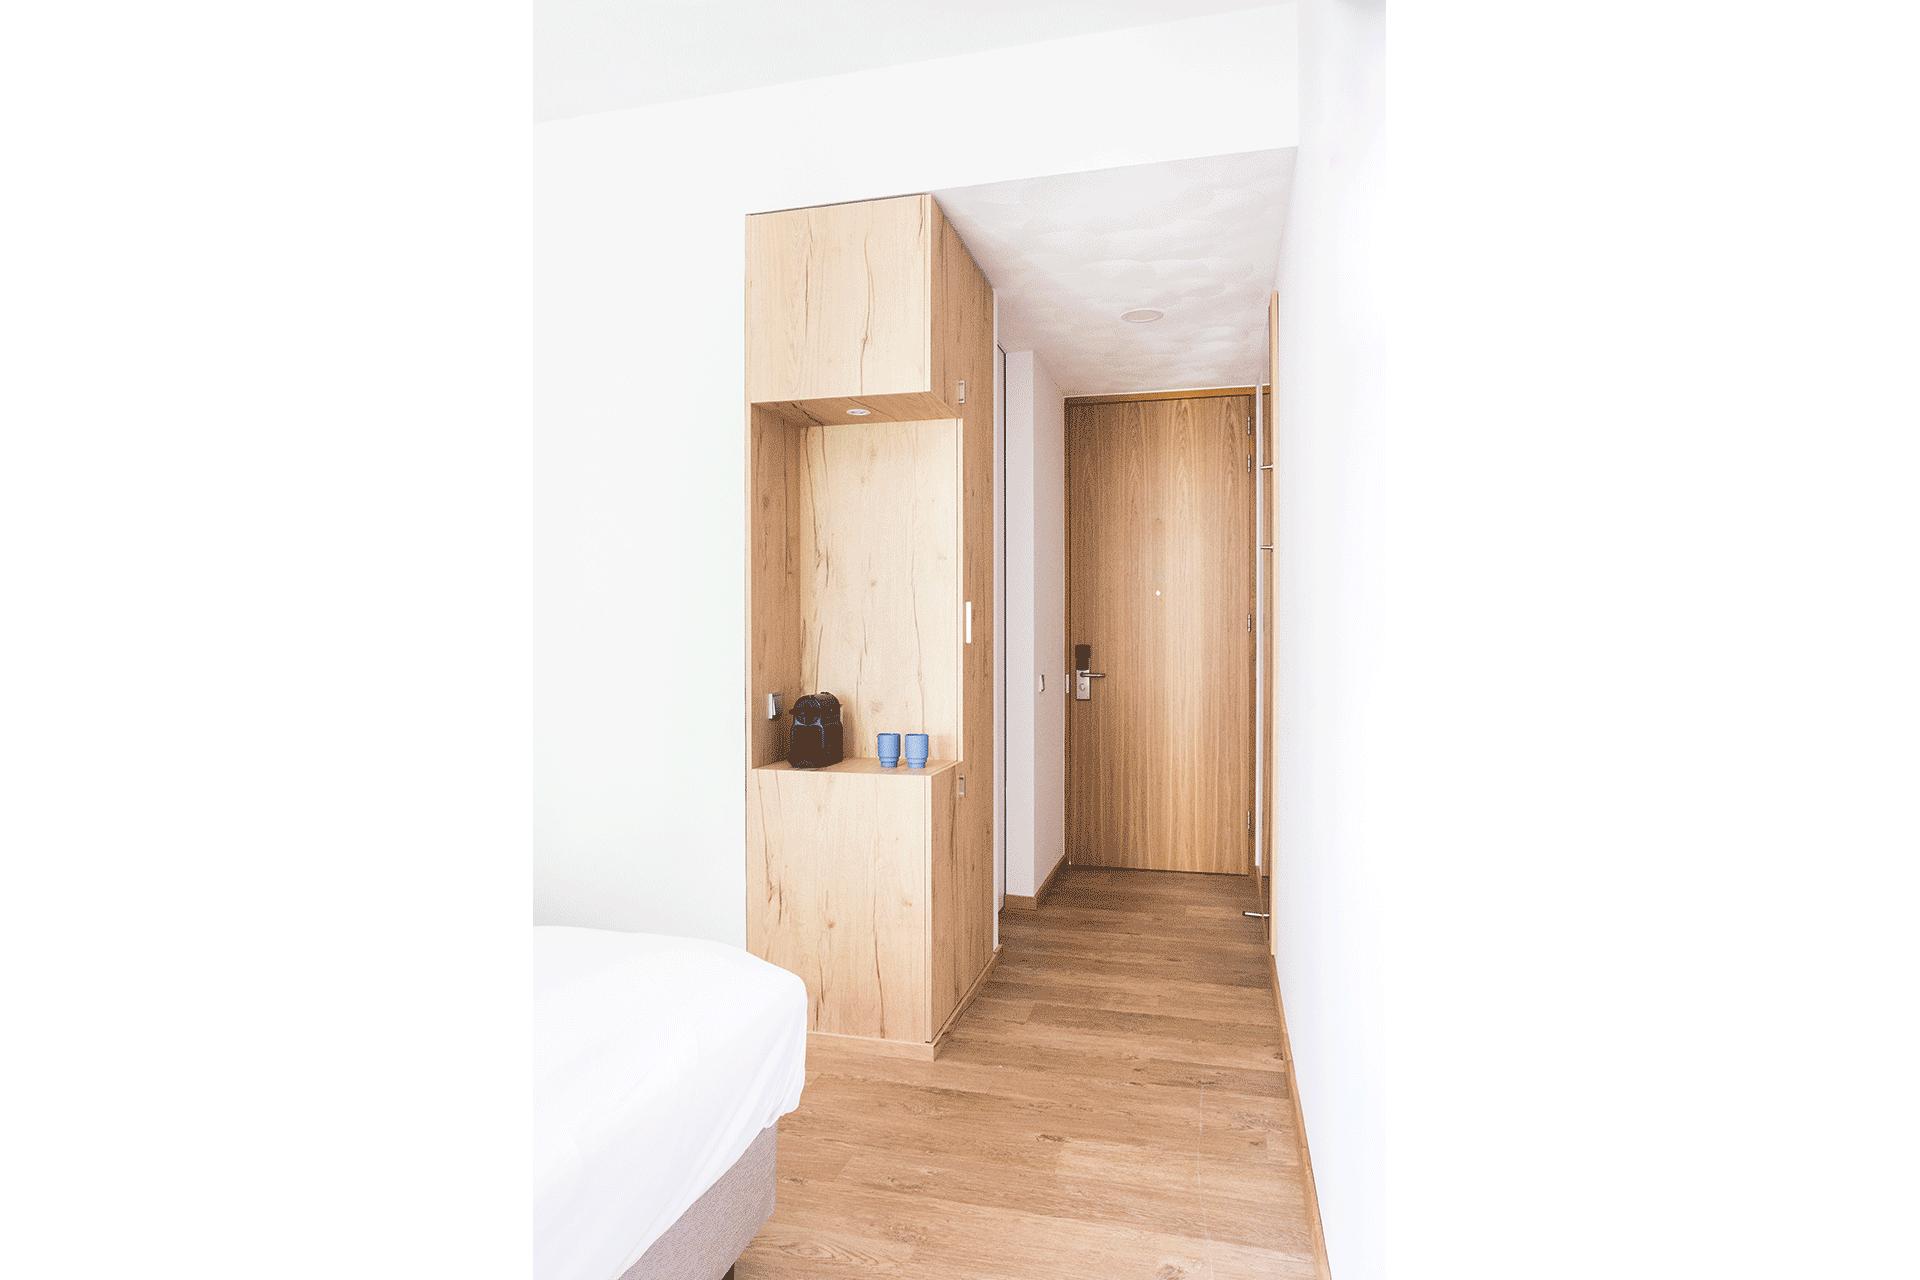 hotelkamer hout inbouwkast bouwen hotel duurzaam